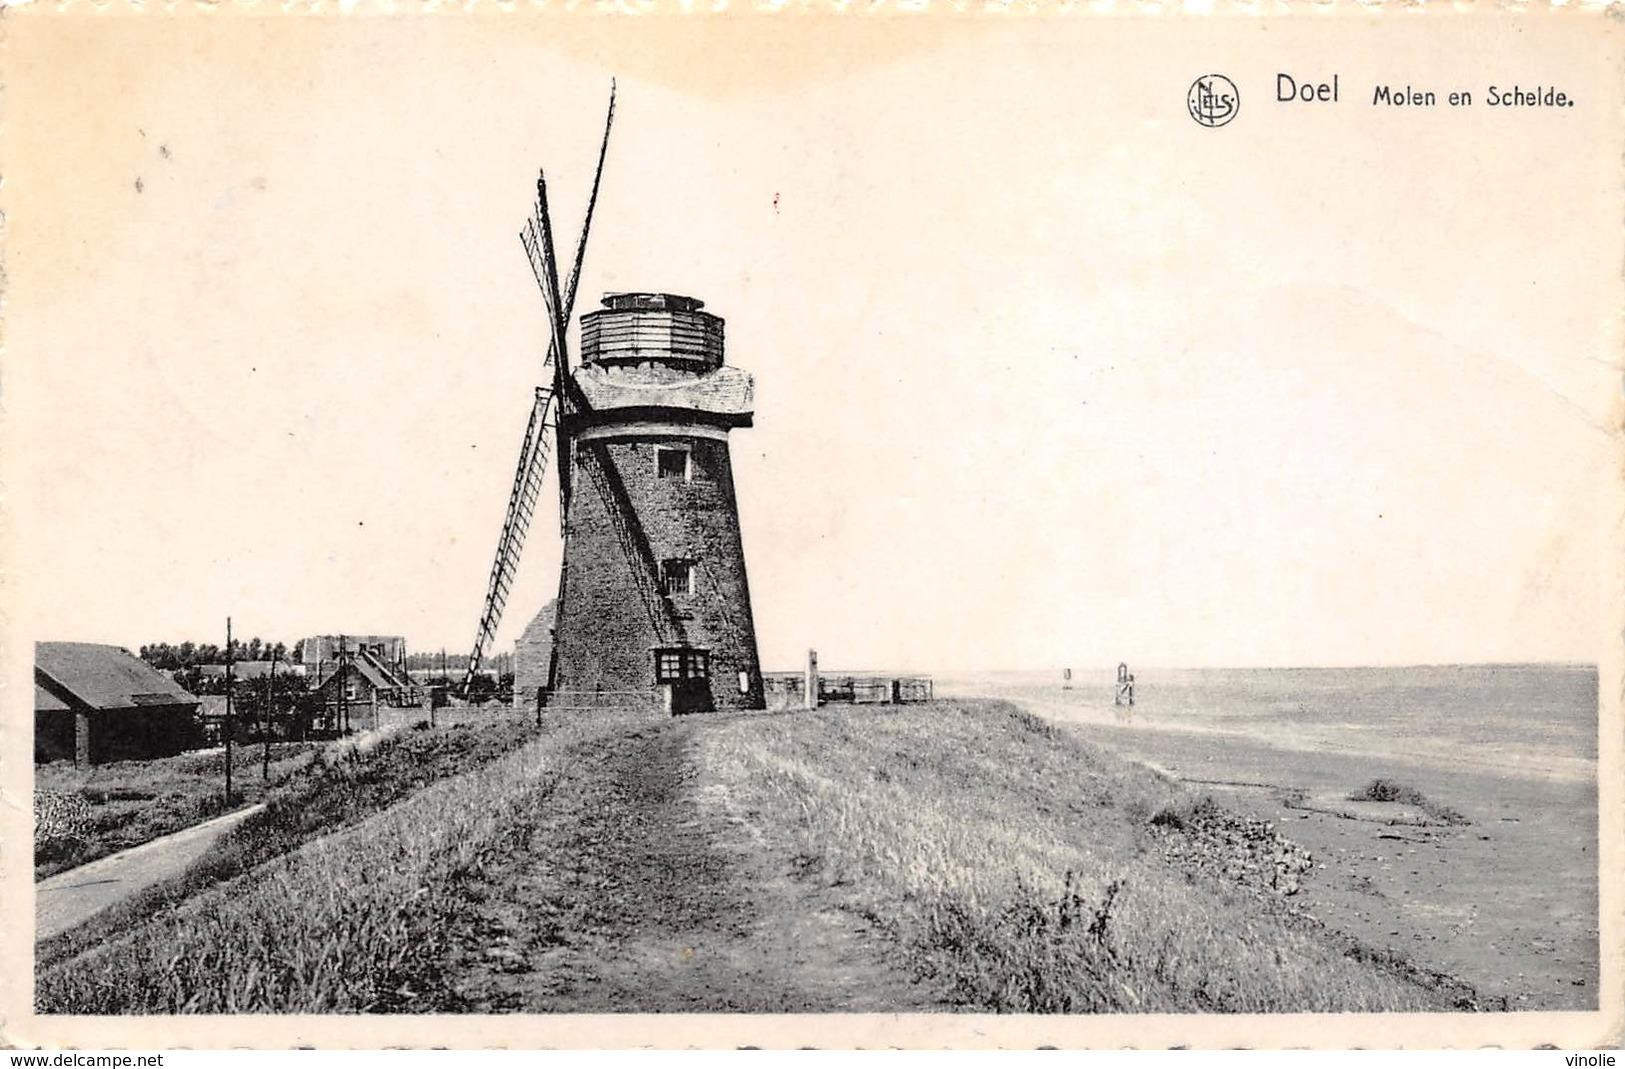 A-19-2115 : MOULIN A VENT . MOLEN.  DOEL AAN SCHELDE. BELGIQUE. - Windmills